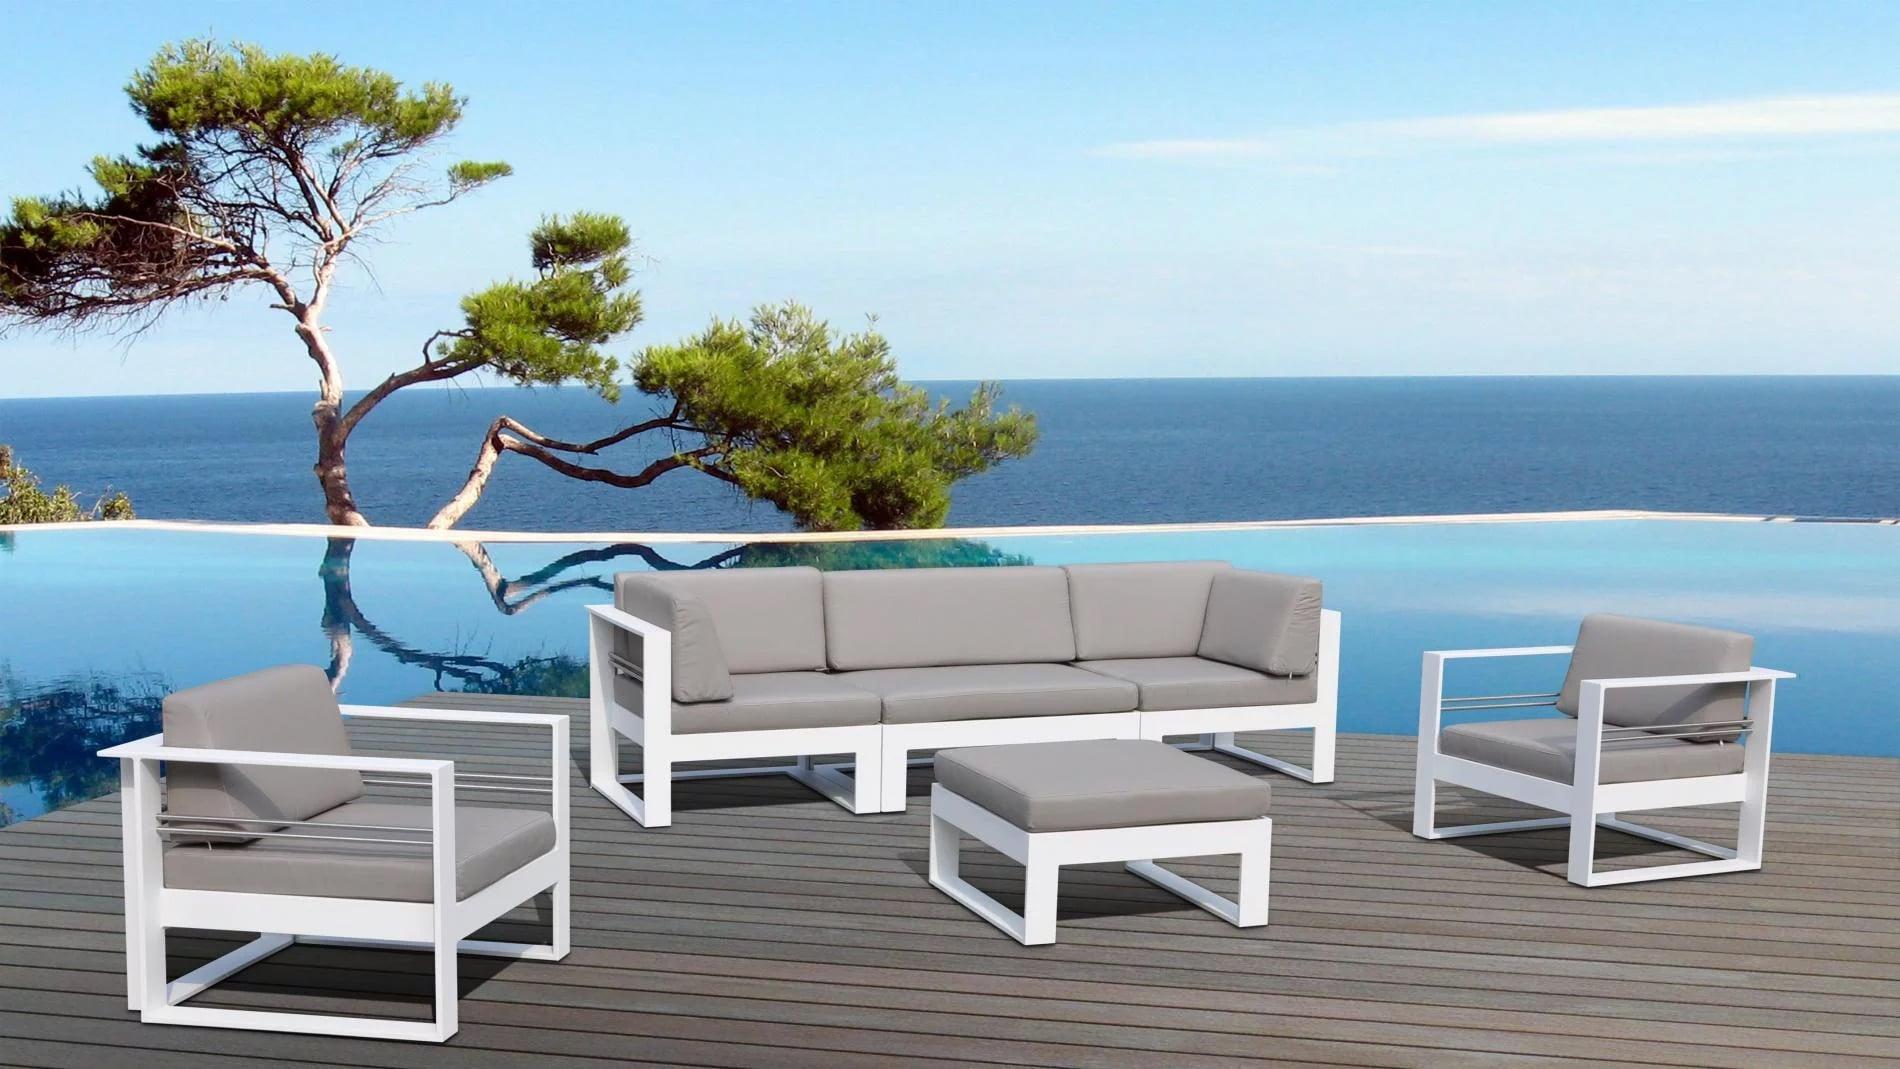 Choisir Un Canapé Densité quel type de canapé de jardin choisir ? • blog design jardin